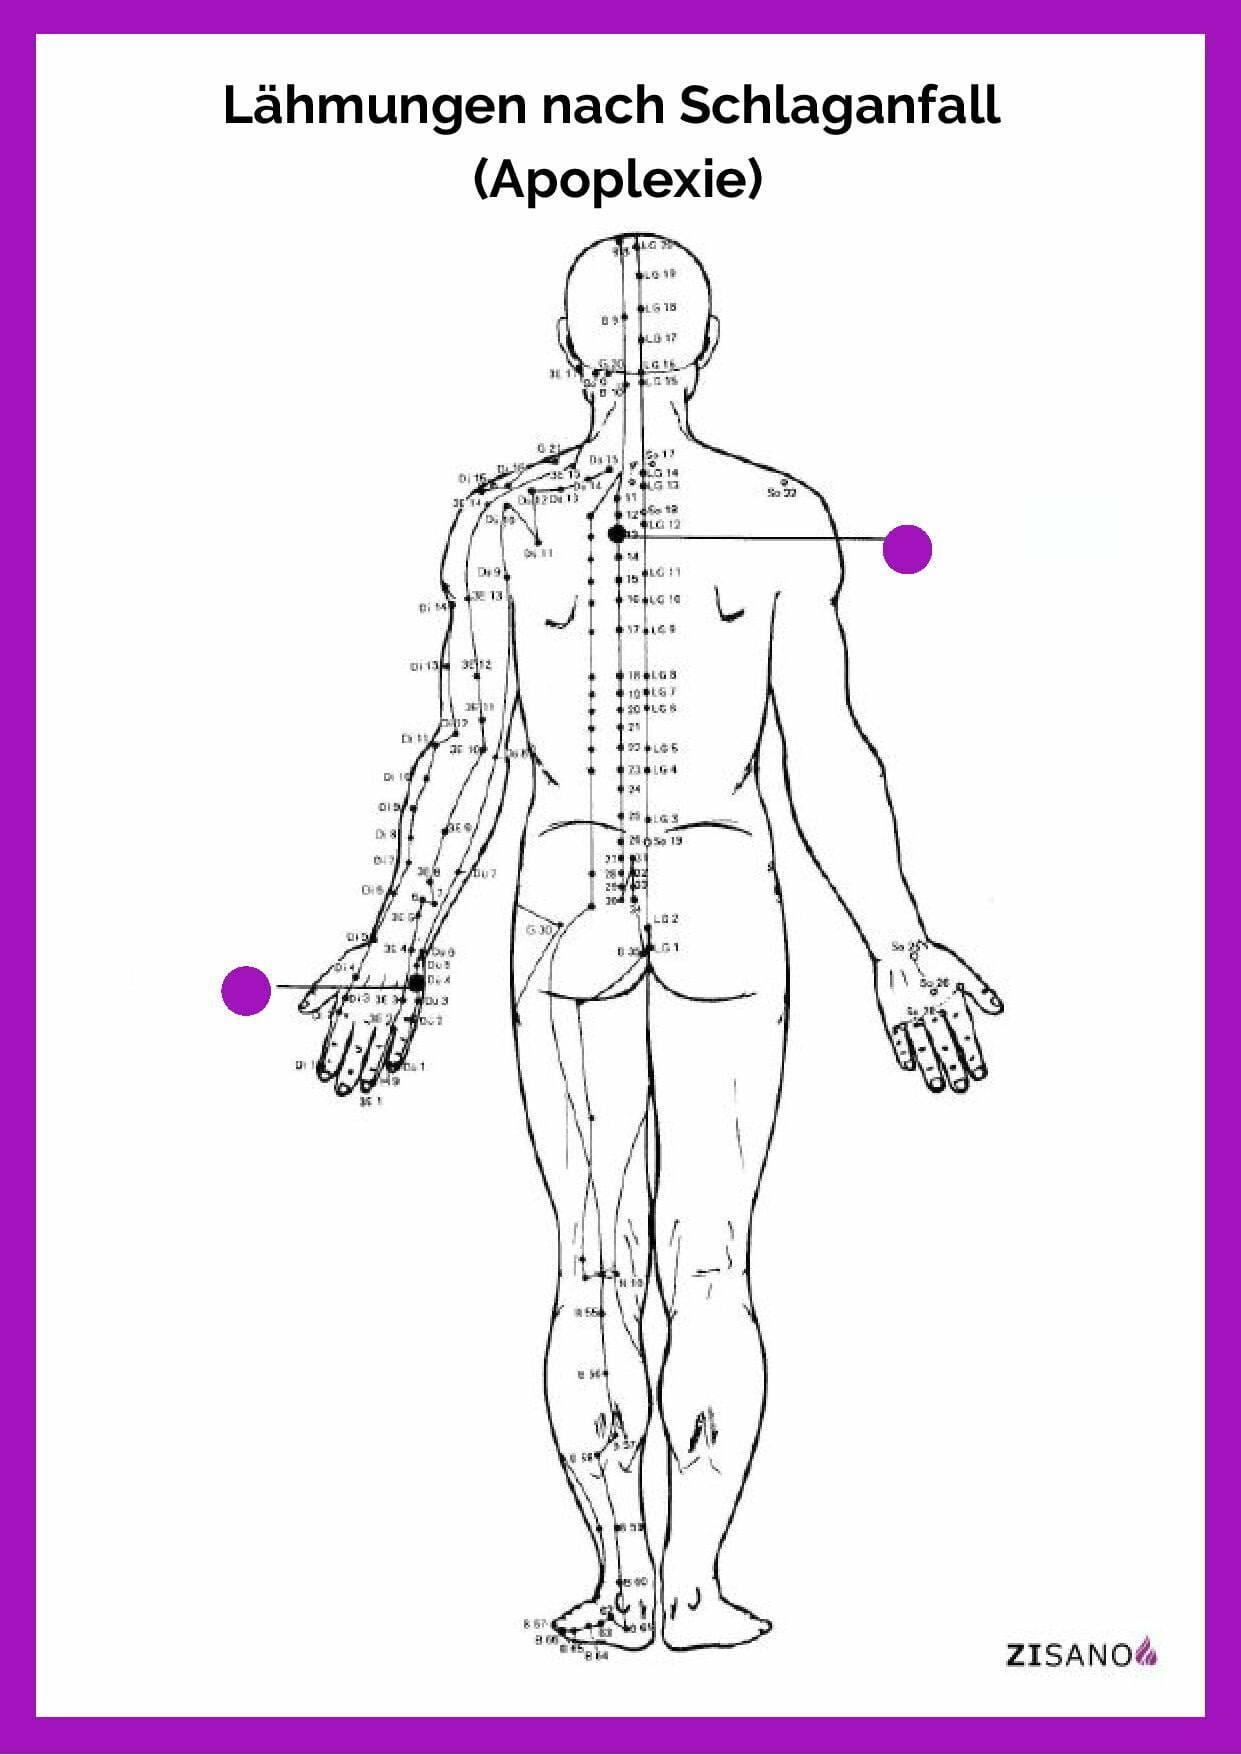 Meridiane - Lähmungen nach Schlaganfall - Apoplexie - Beschwerden